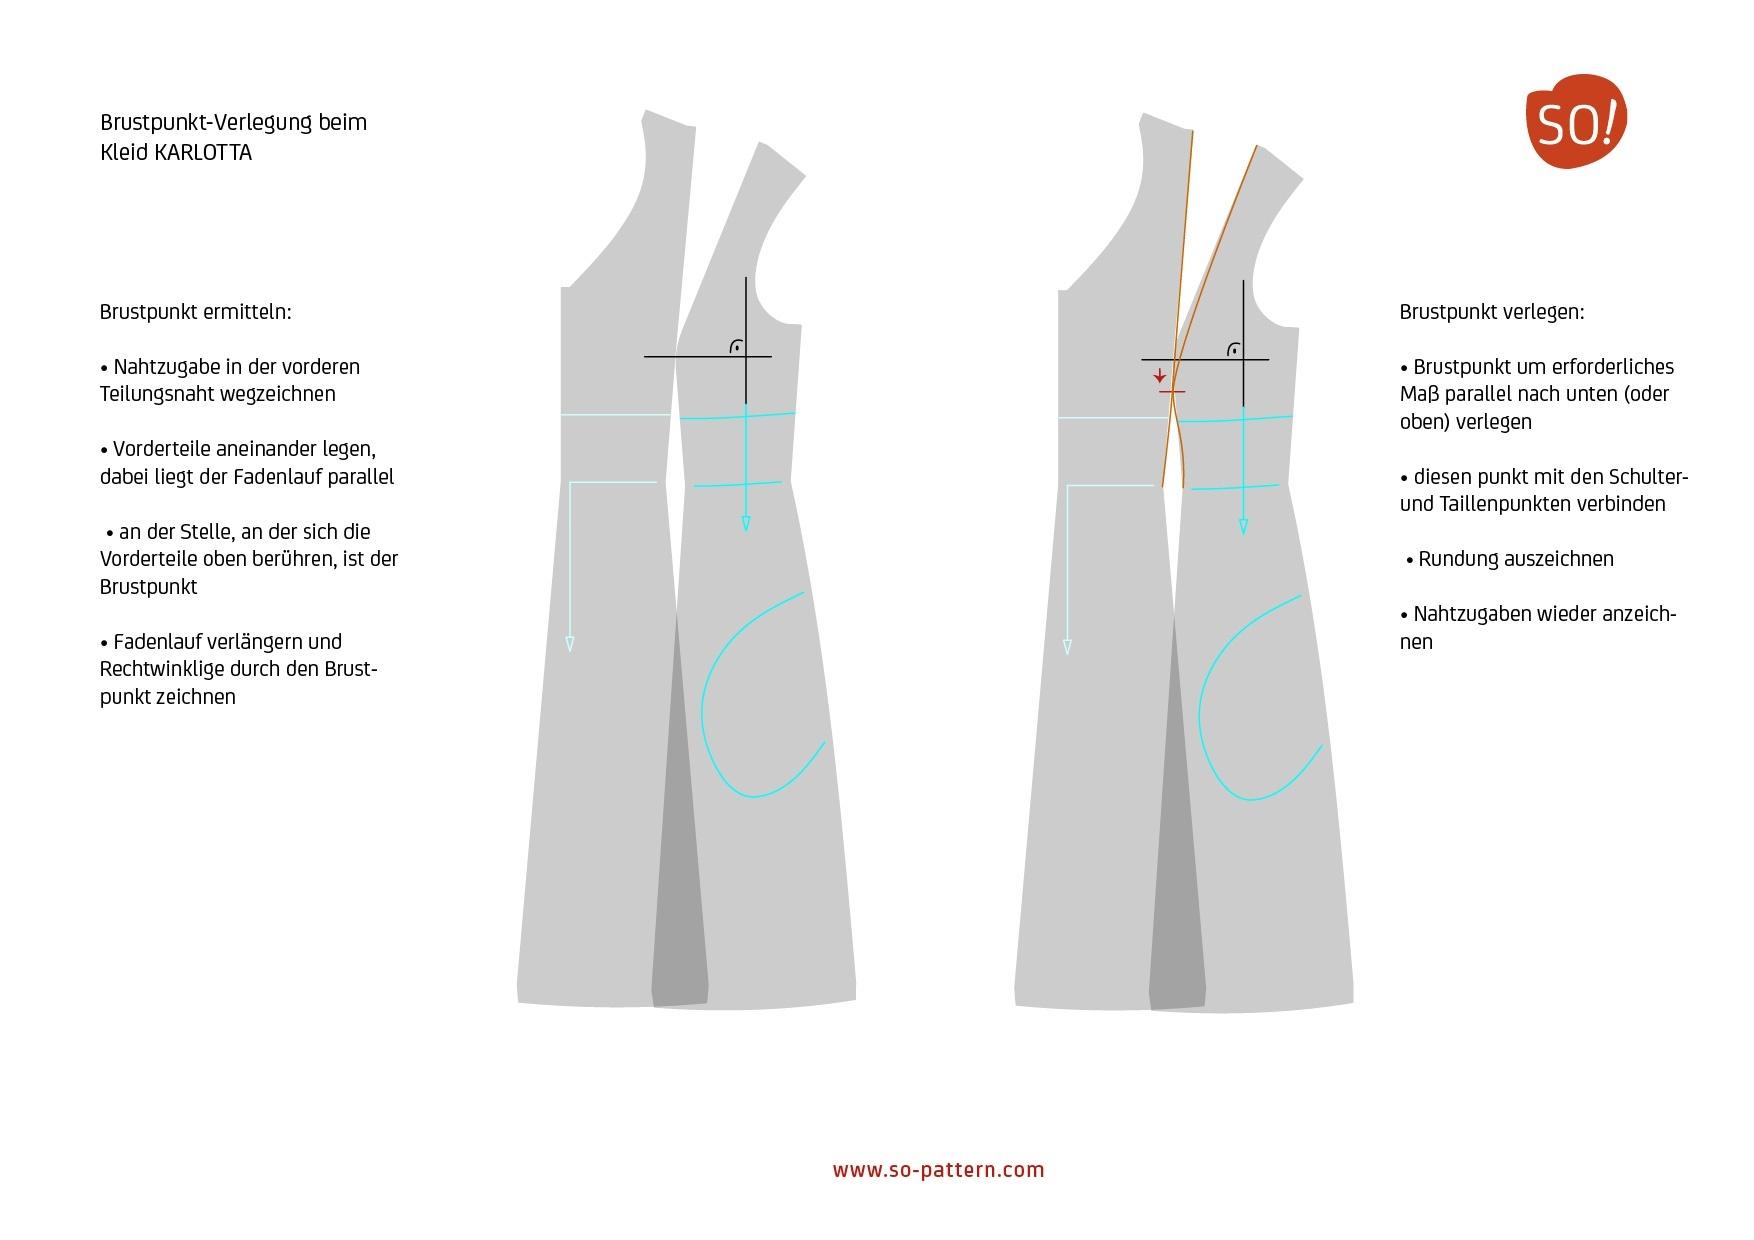 schnitt anpassen bei kleid karlotta – so pattern